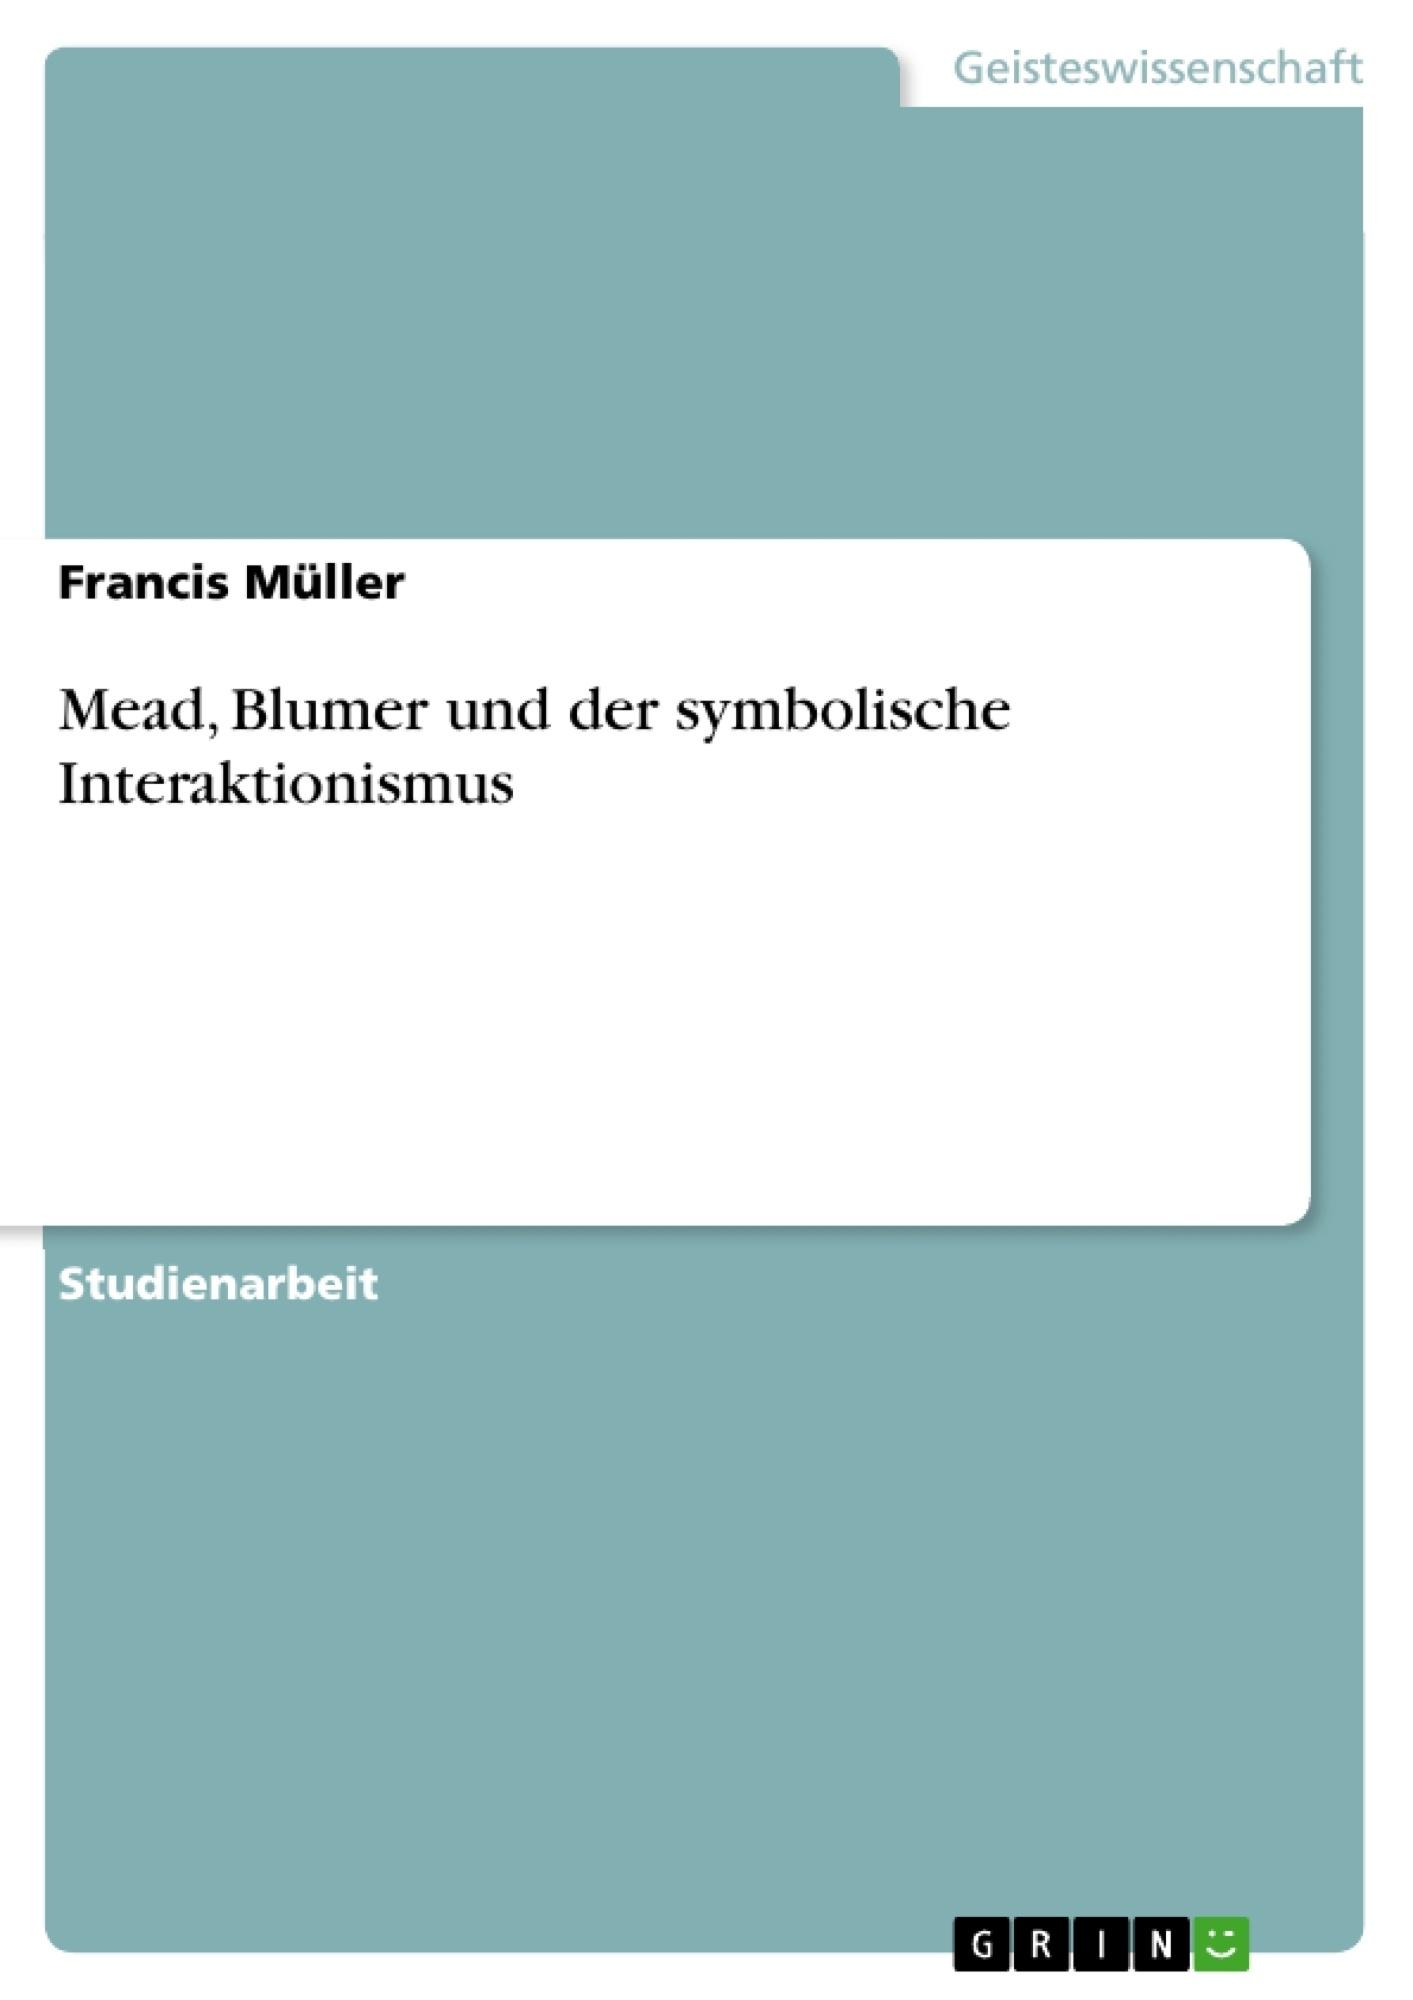 Titel: Mead, Blumer und der symbolische Interaktionismus